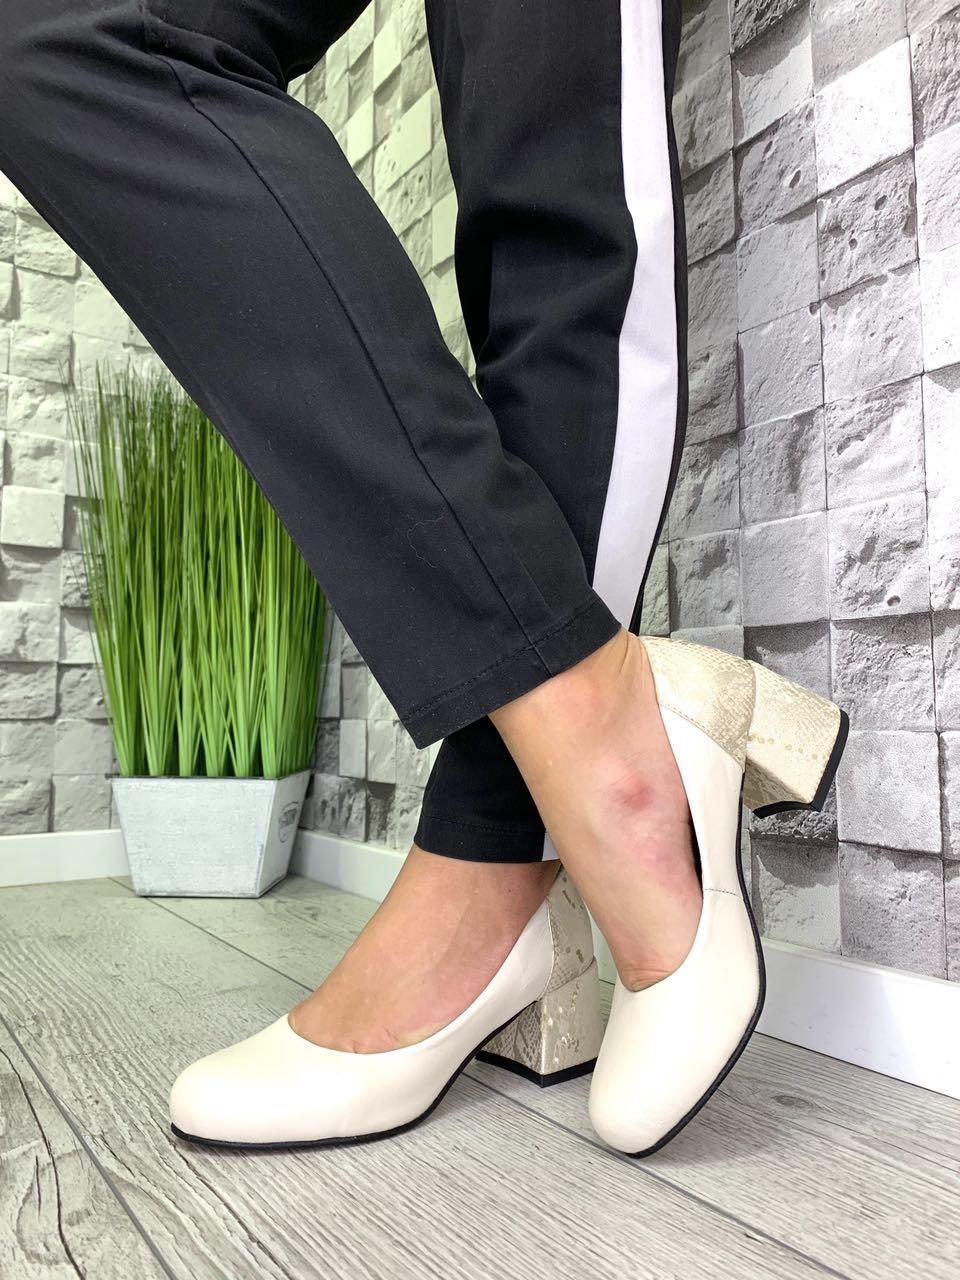 Женские закрытые туфли из натуральной кожи на каблуке беж /беж змея